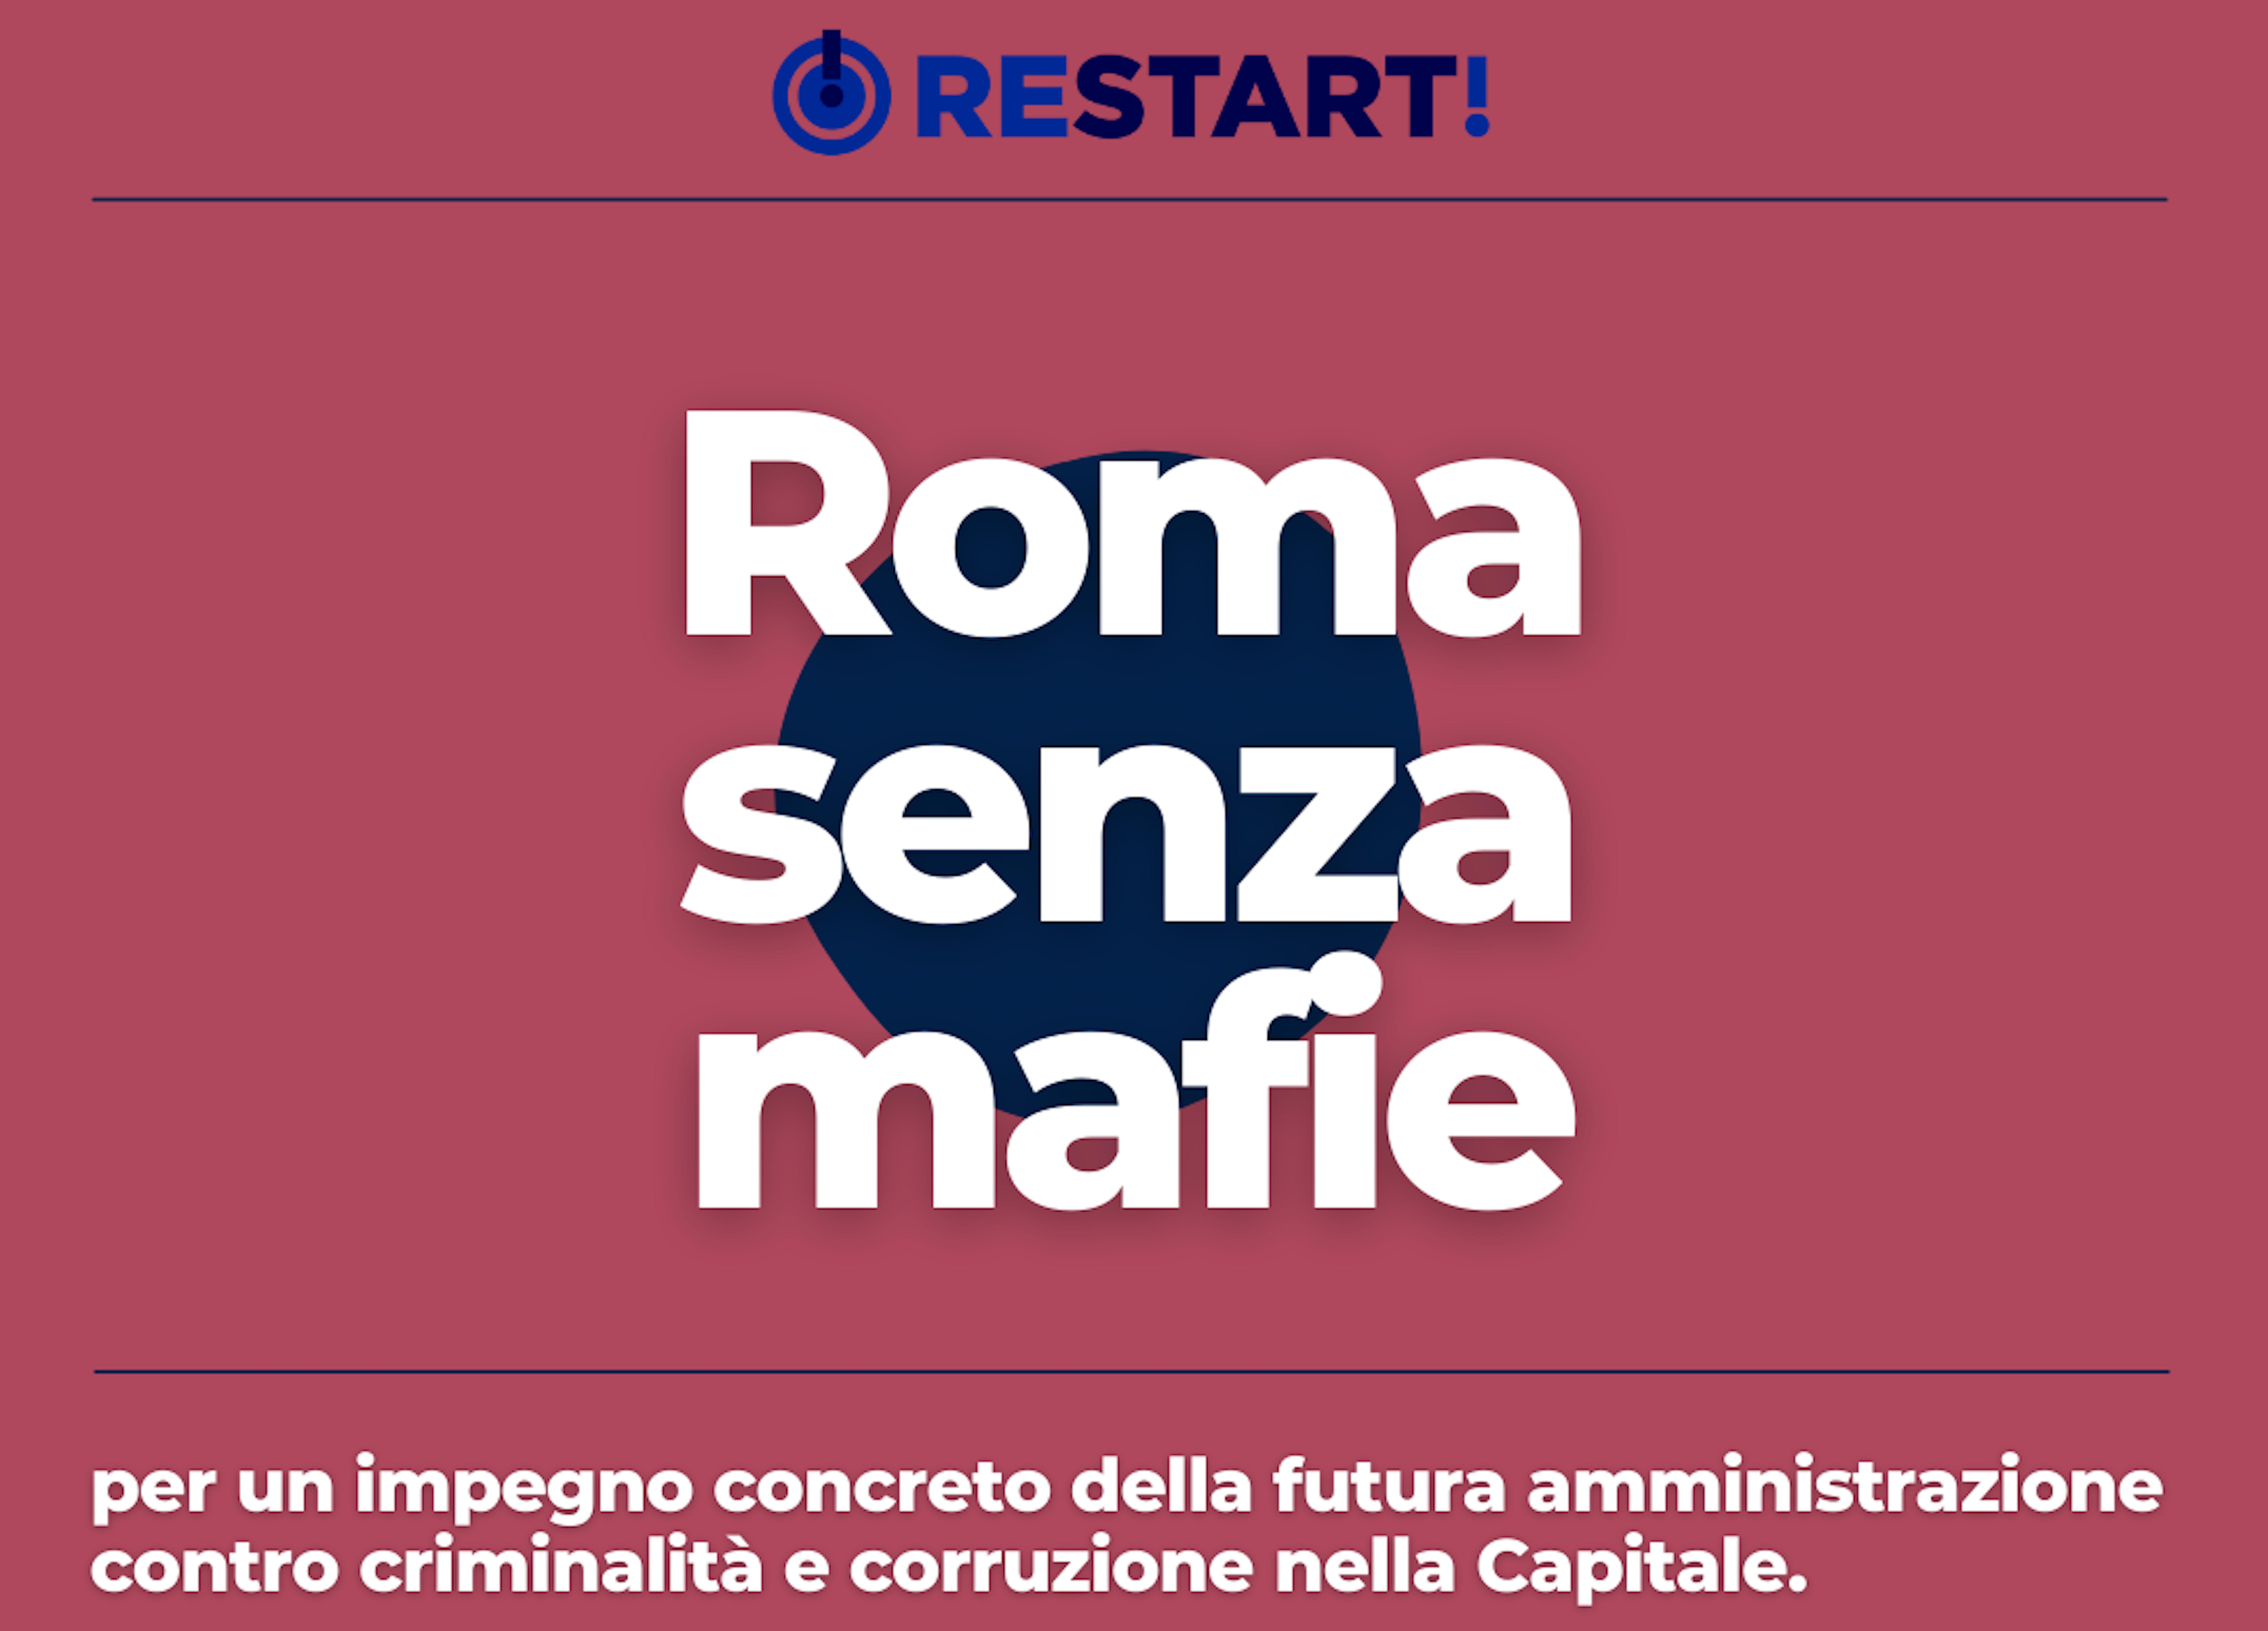 ROMA SENZA MAFIE: L'APPELLO DI AVVISO PUBBLICO E ASSOCIAZIONE DA SUD AI CANDIDATI SINDACO DELLA CAPITALE